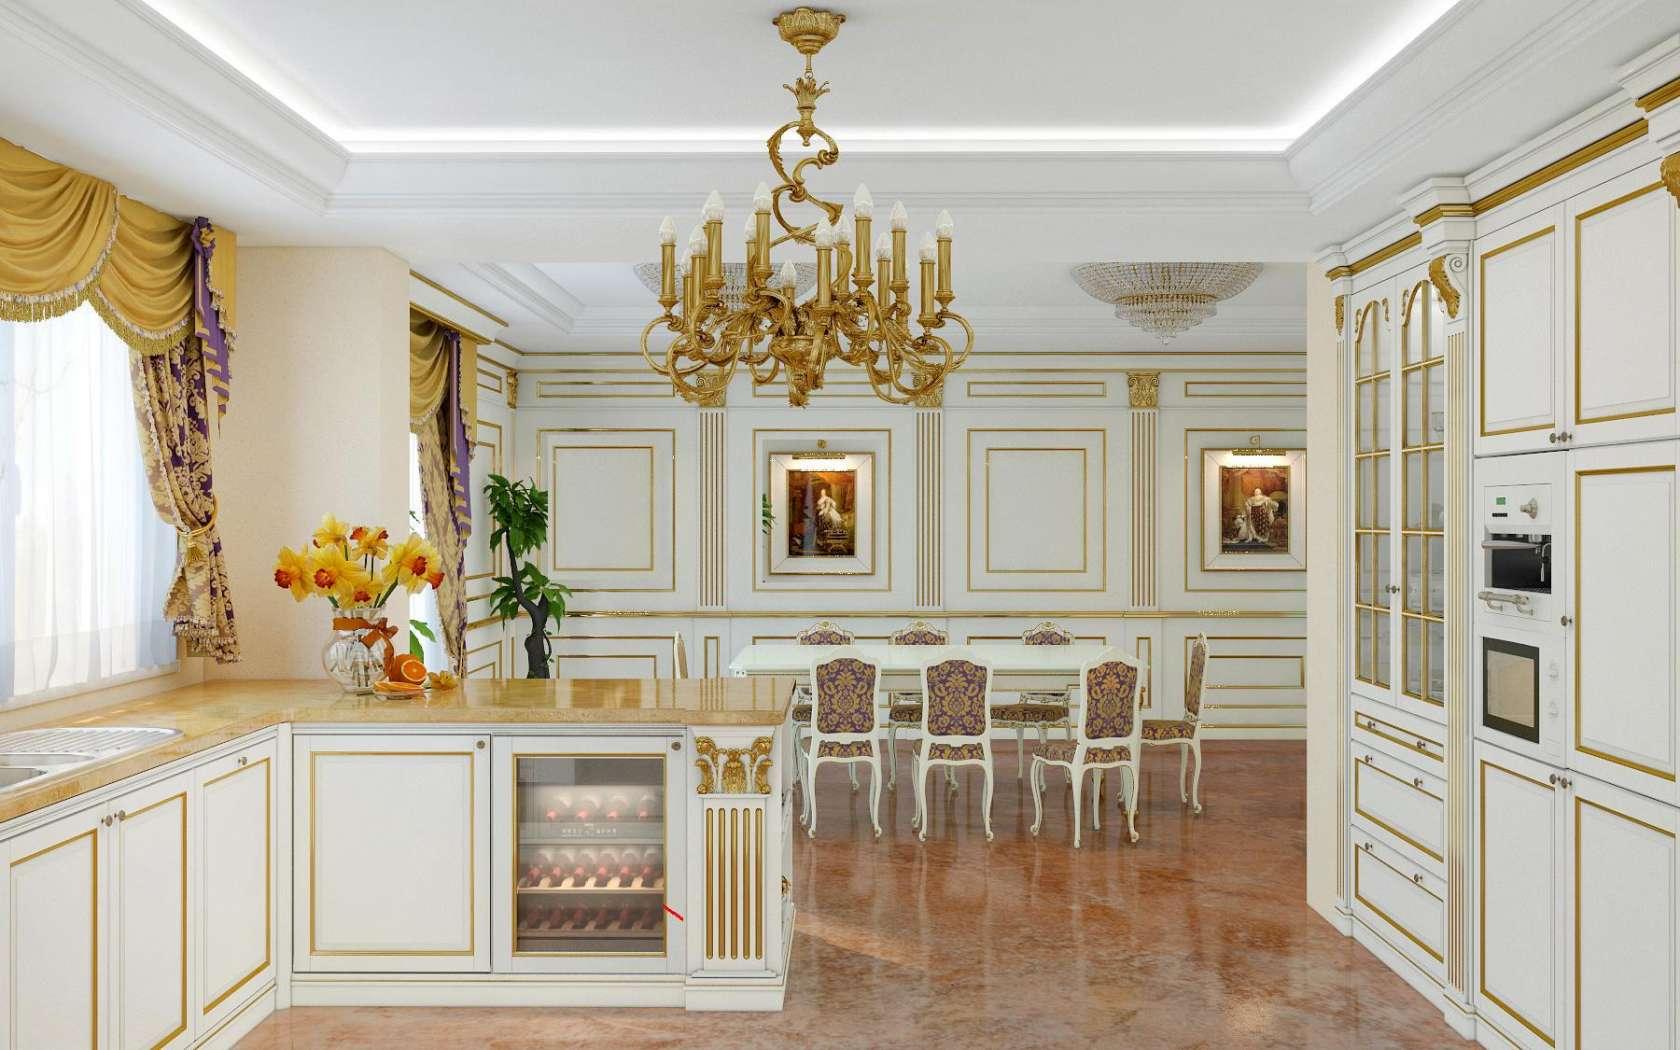 Cucine Di Lusso Classiche : Cucina di lusso made in italy modello legacy vimercati classic